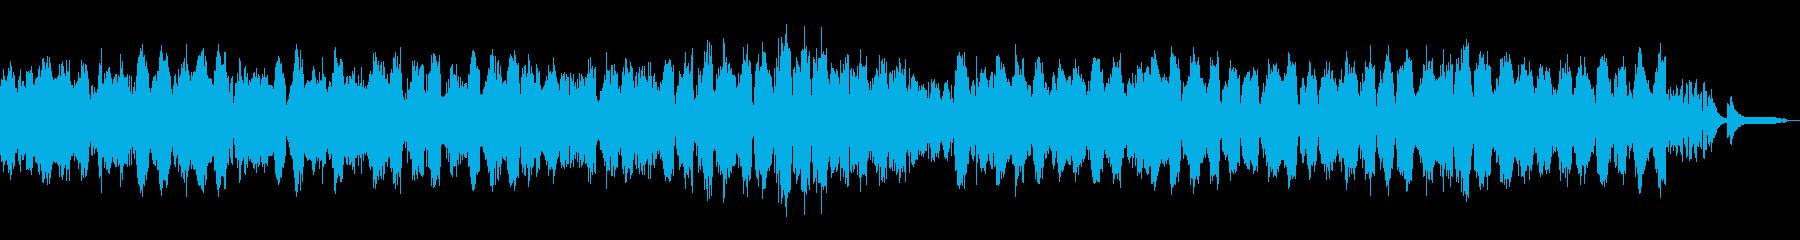 ヒーリングクラシック「春の歌」94の再生済みの波形